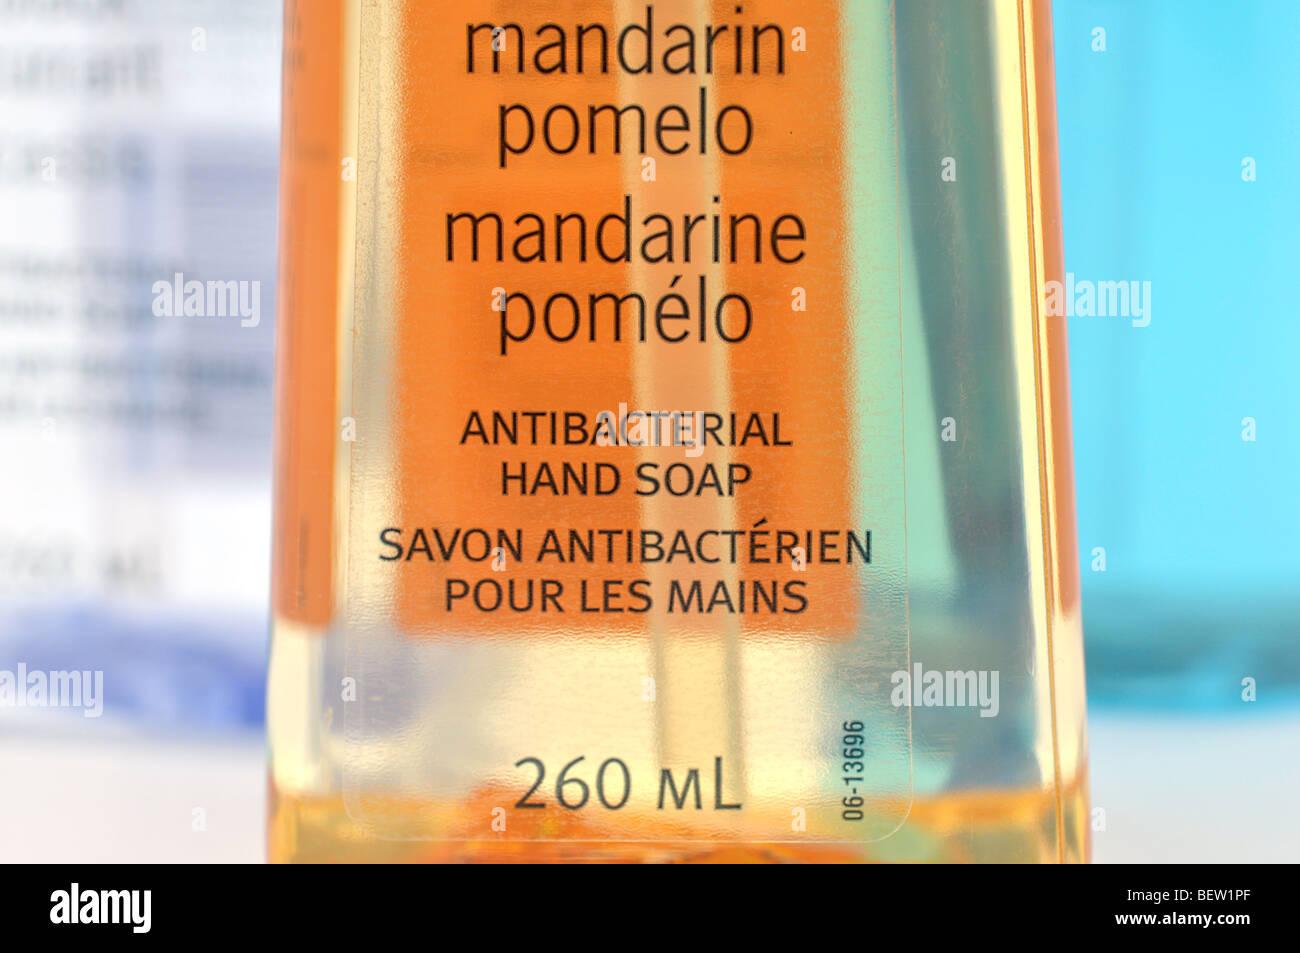 Bottles of Antibacterial Liquid Hand Soap - Stock Image